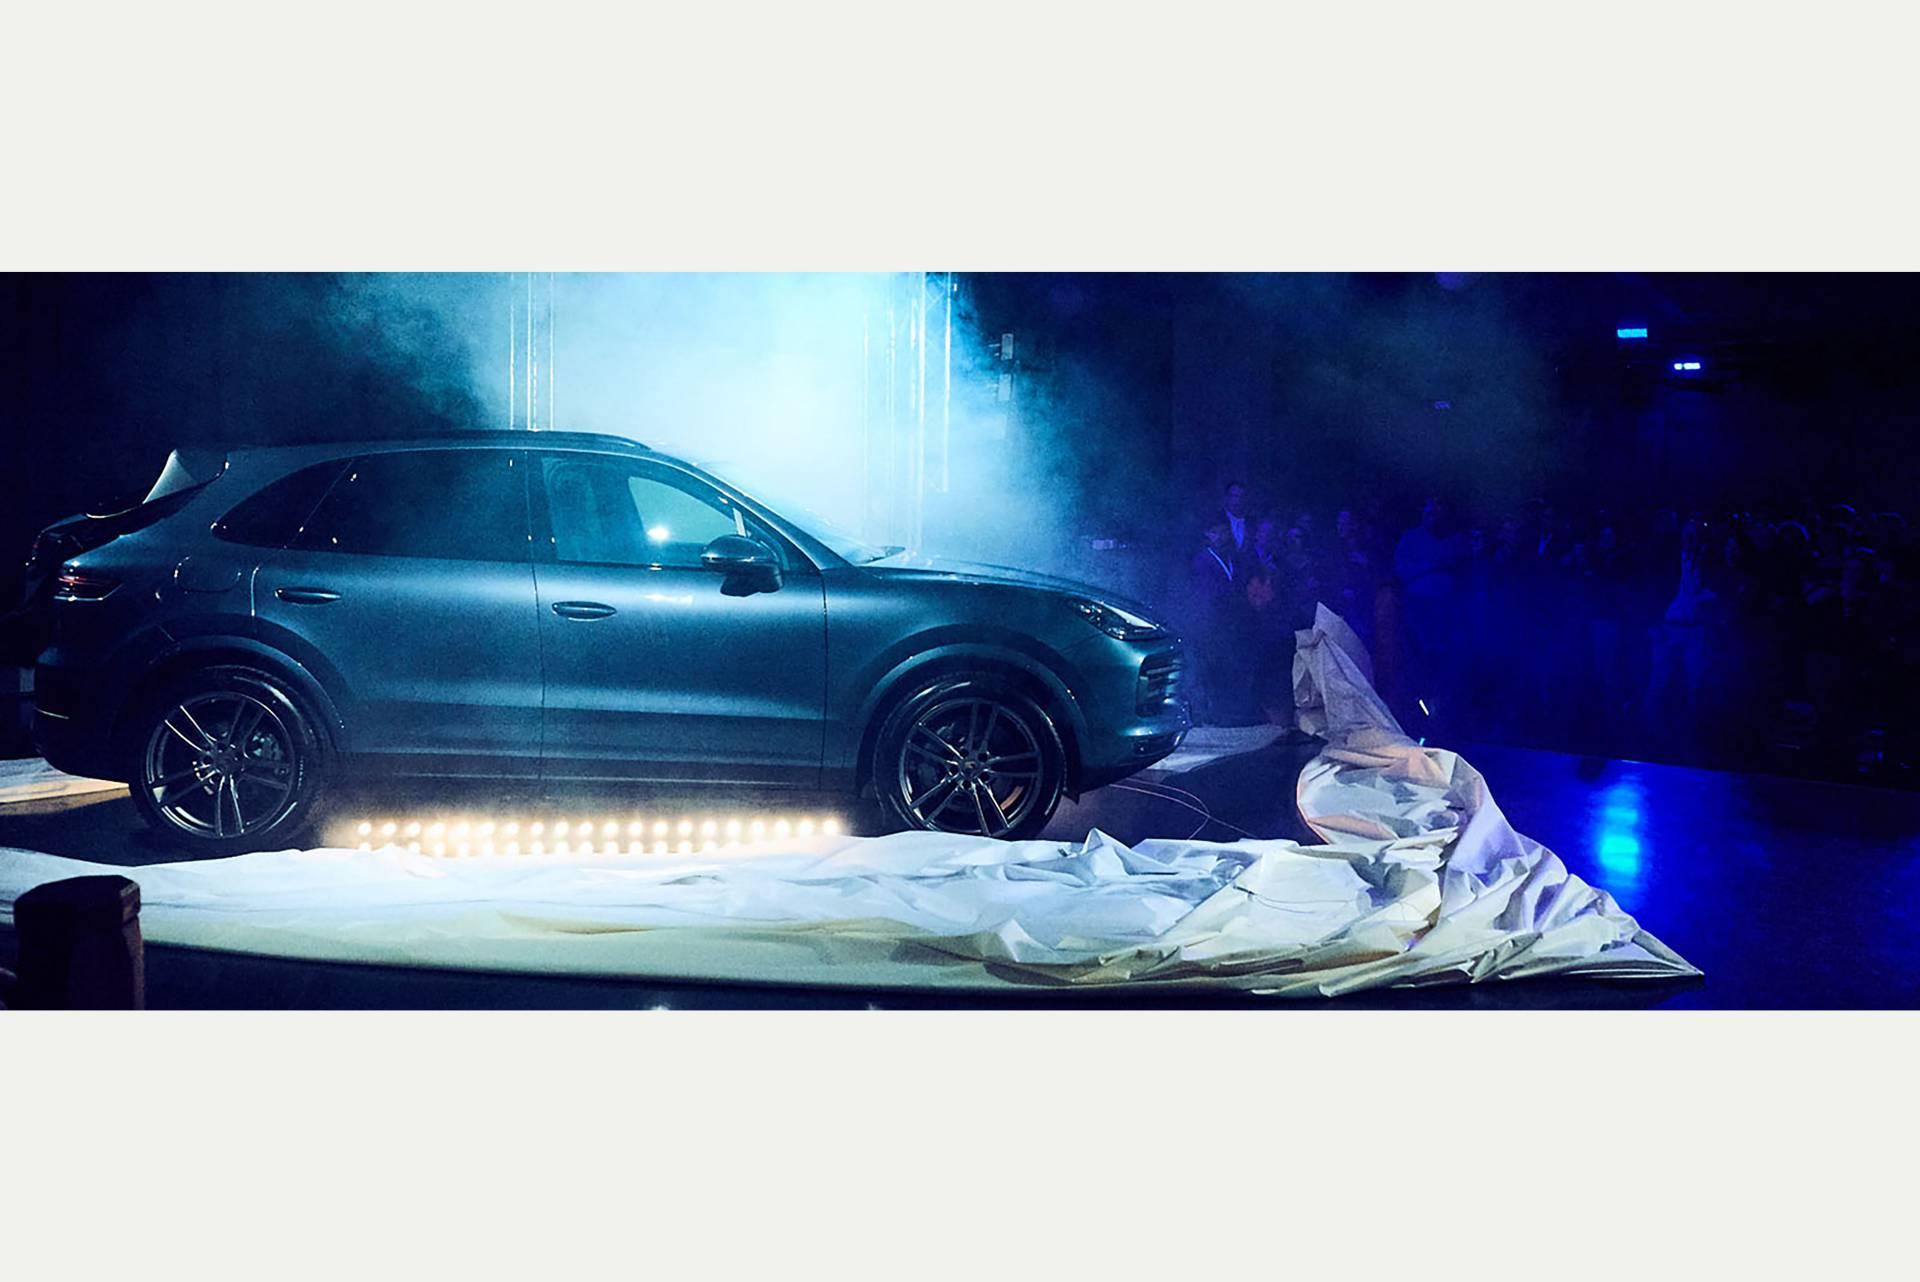 Sogar ein SUV findet Platz auf der Fläche der kleinen Bühne. (Porsche Zentrum Leipzig)